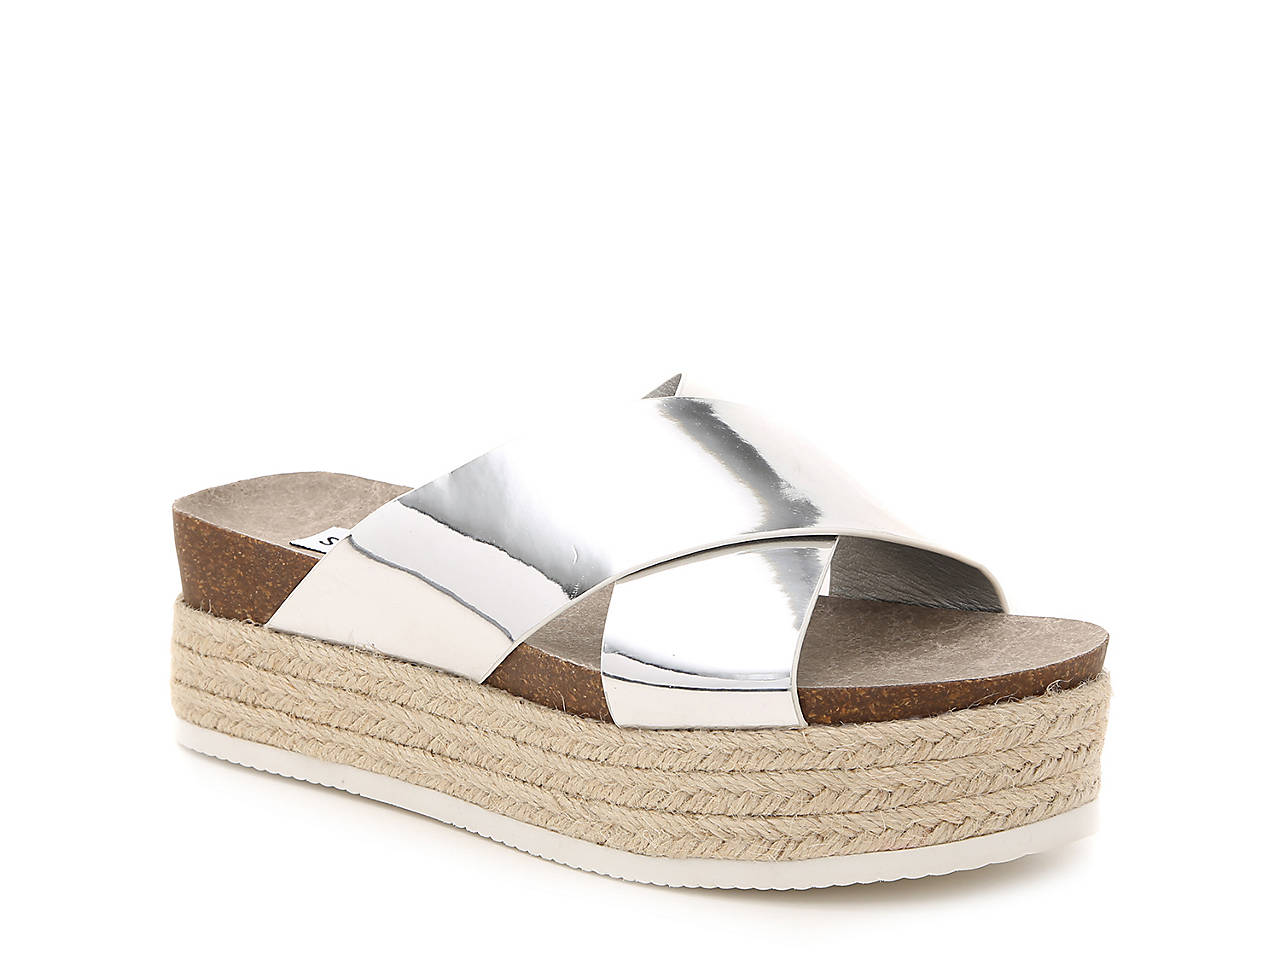 7f4928e884e Steve Madden Hassie Espadrille Sandal Women s Shoes